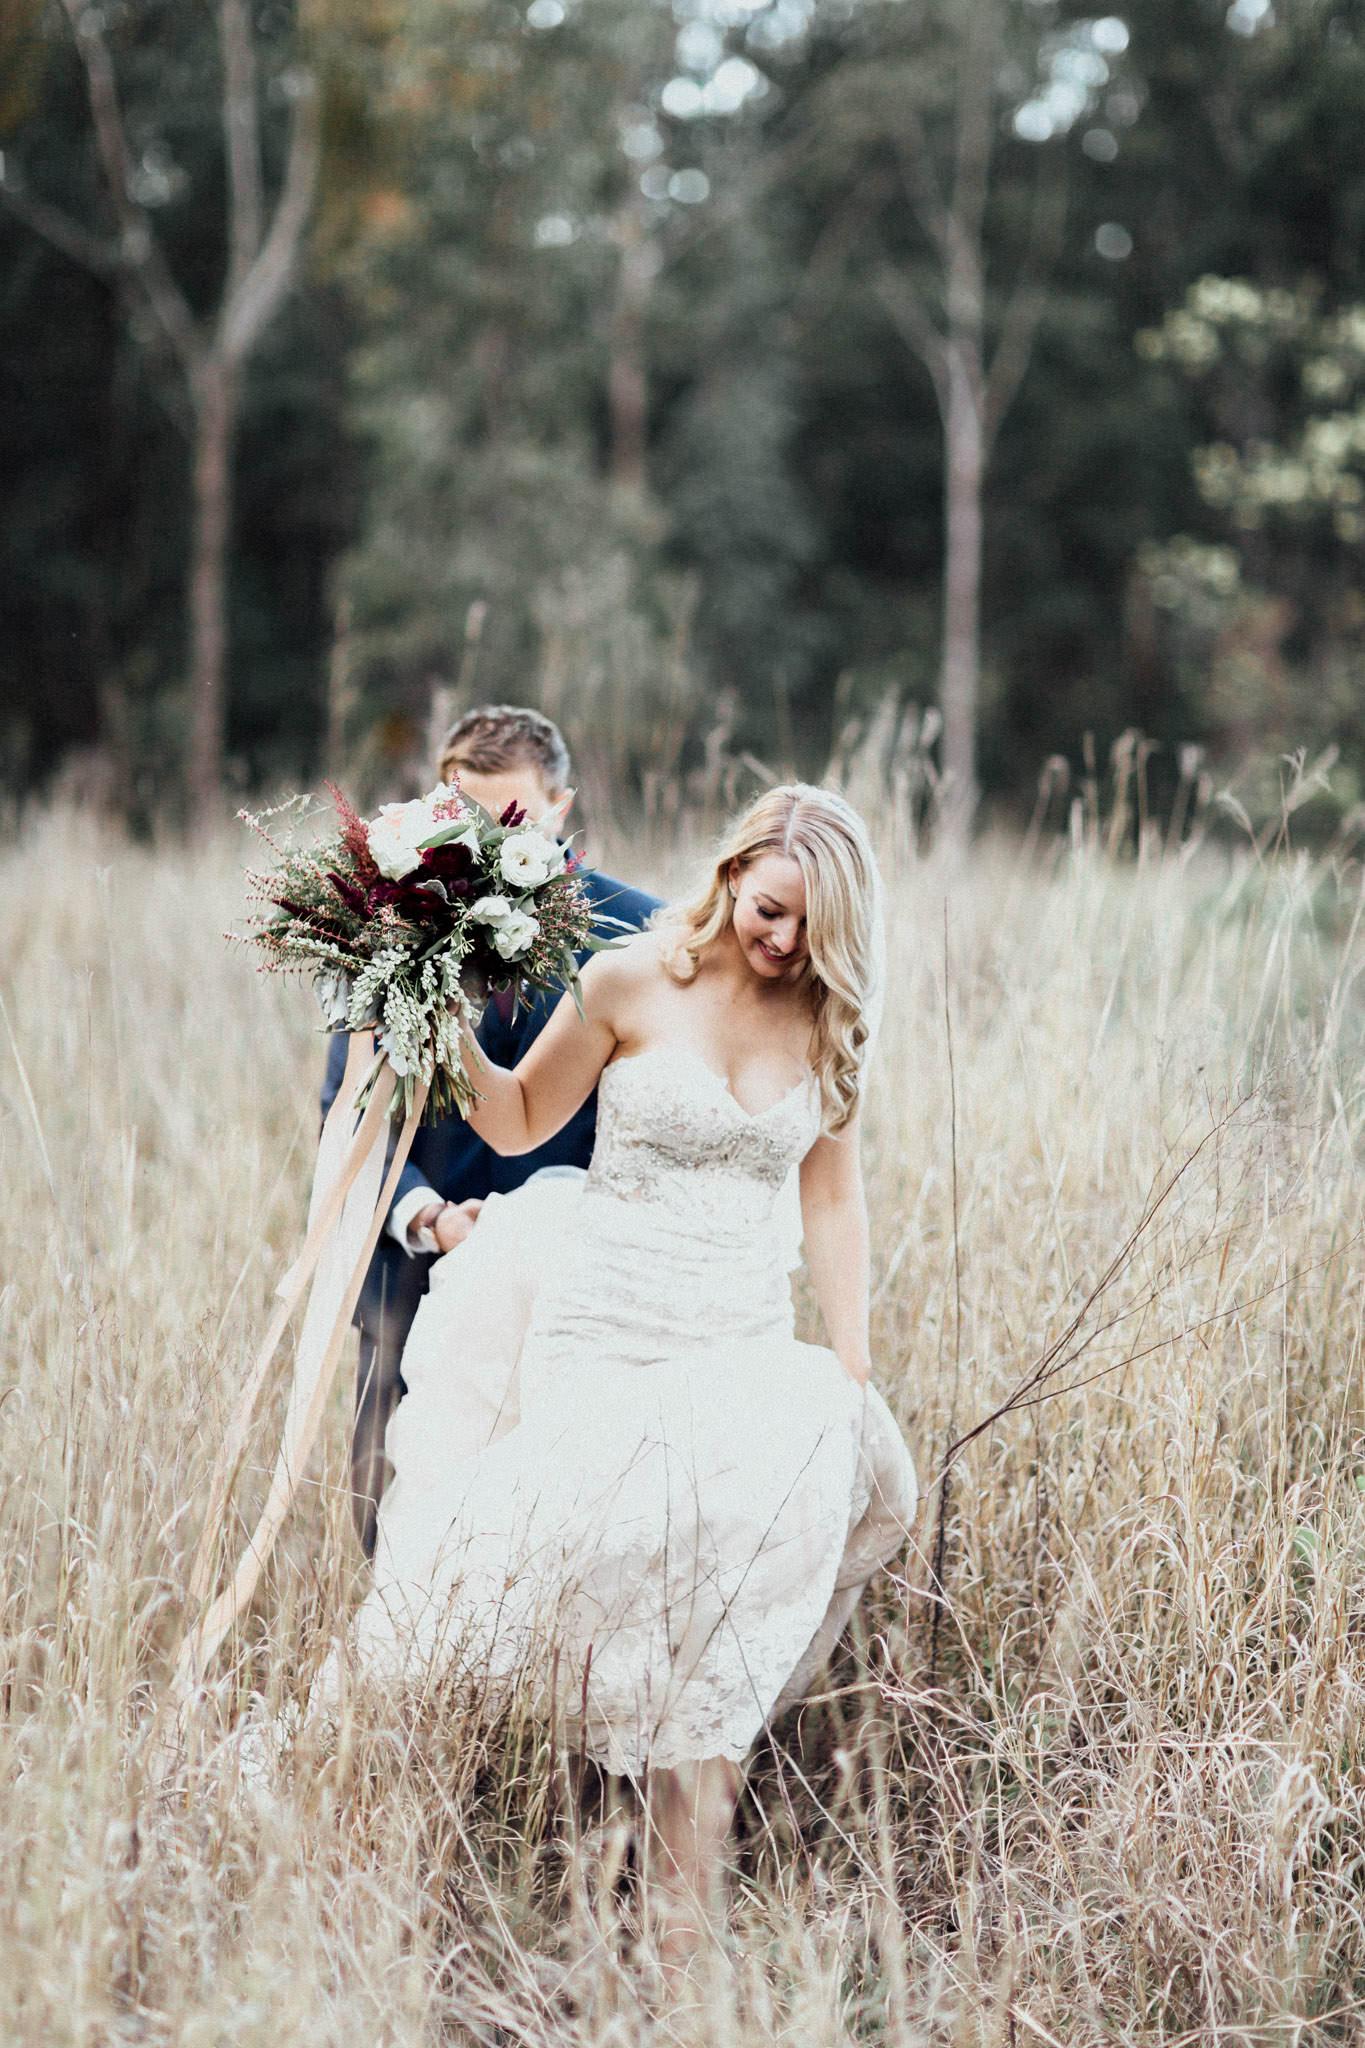 WeddingPhotos_Facebook_2048pixels-1099.jpg